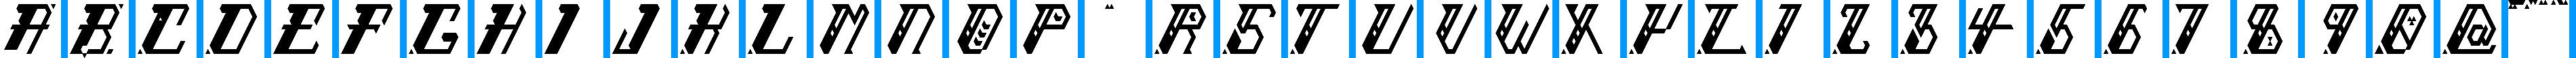 Particip-a-type v.290